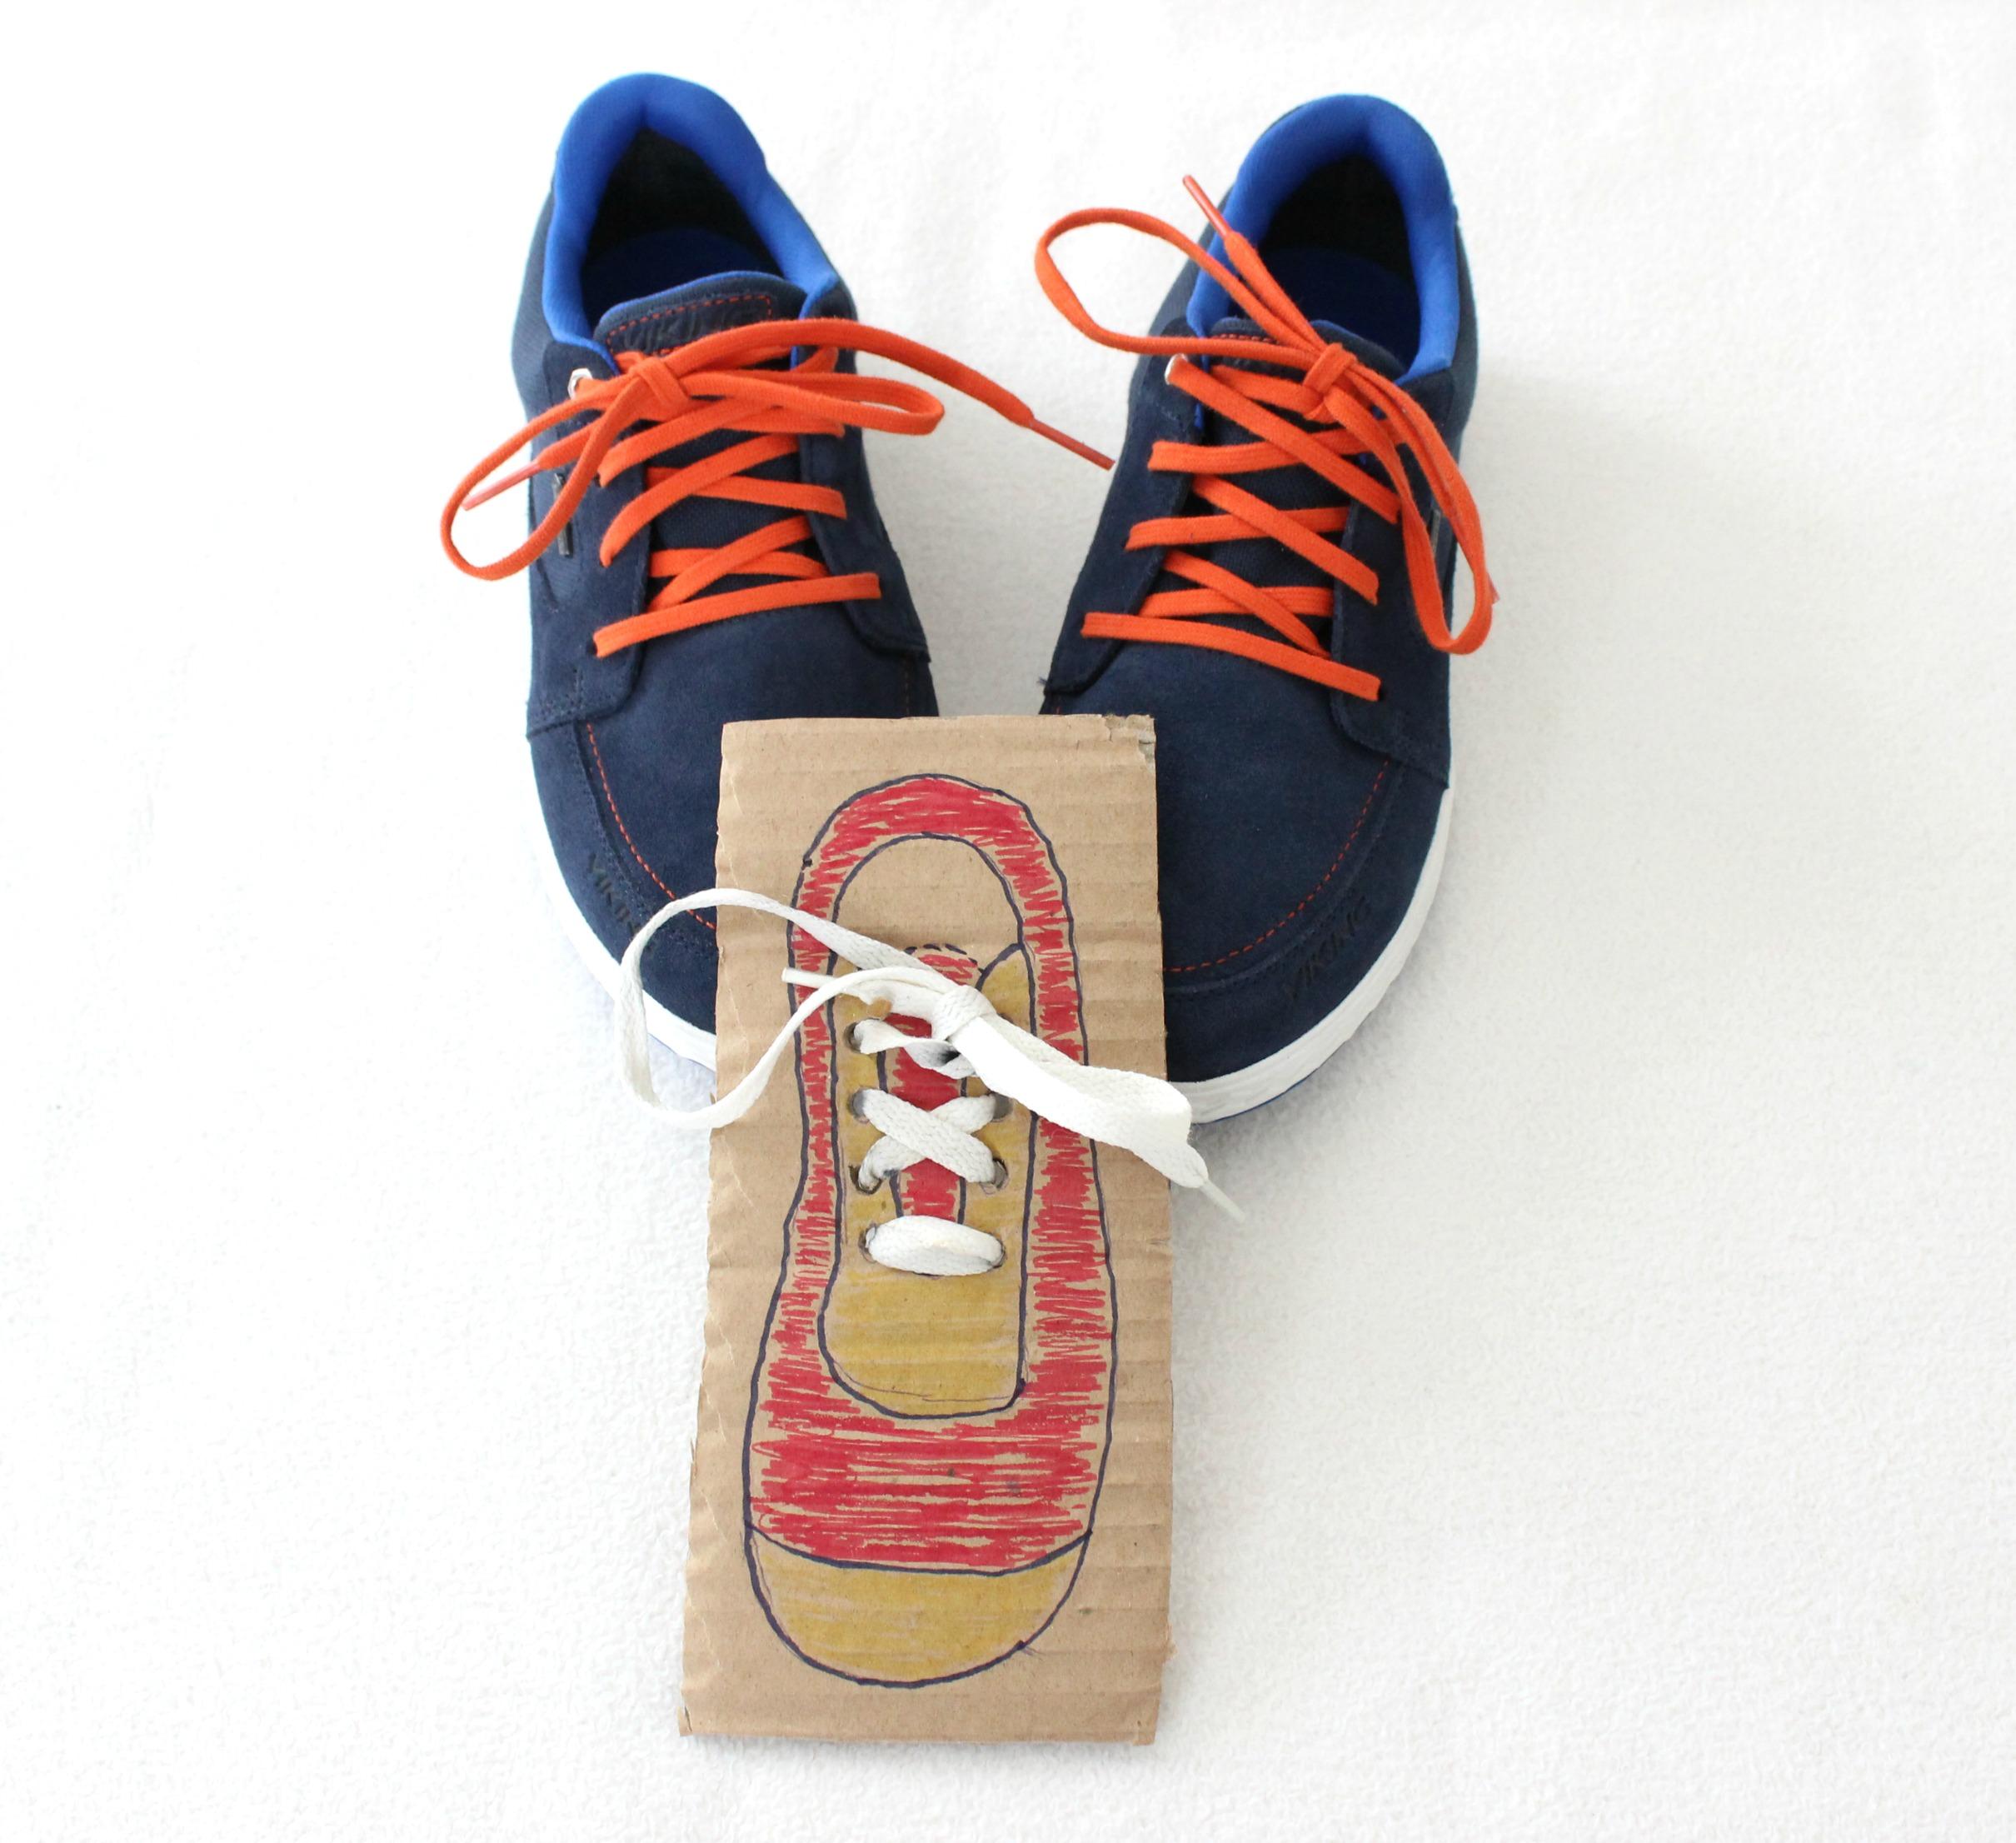 Schuhe Binden Spruch Hase Angelswaist